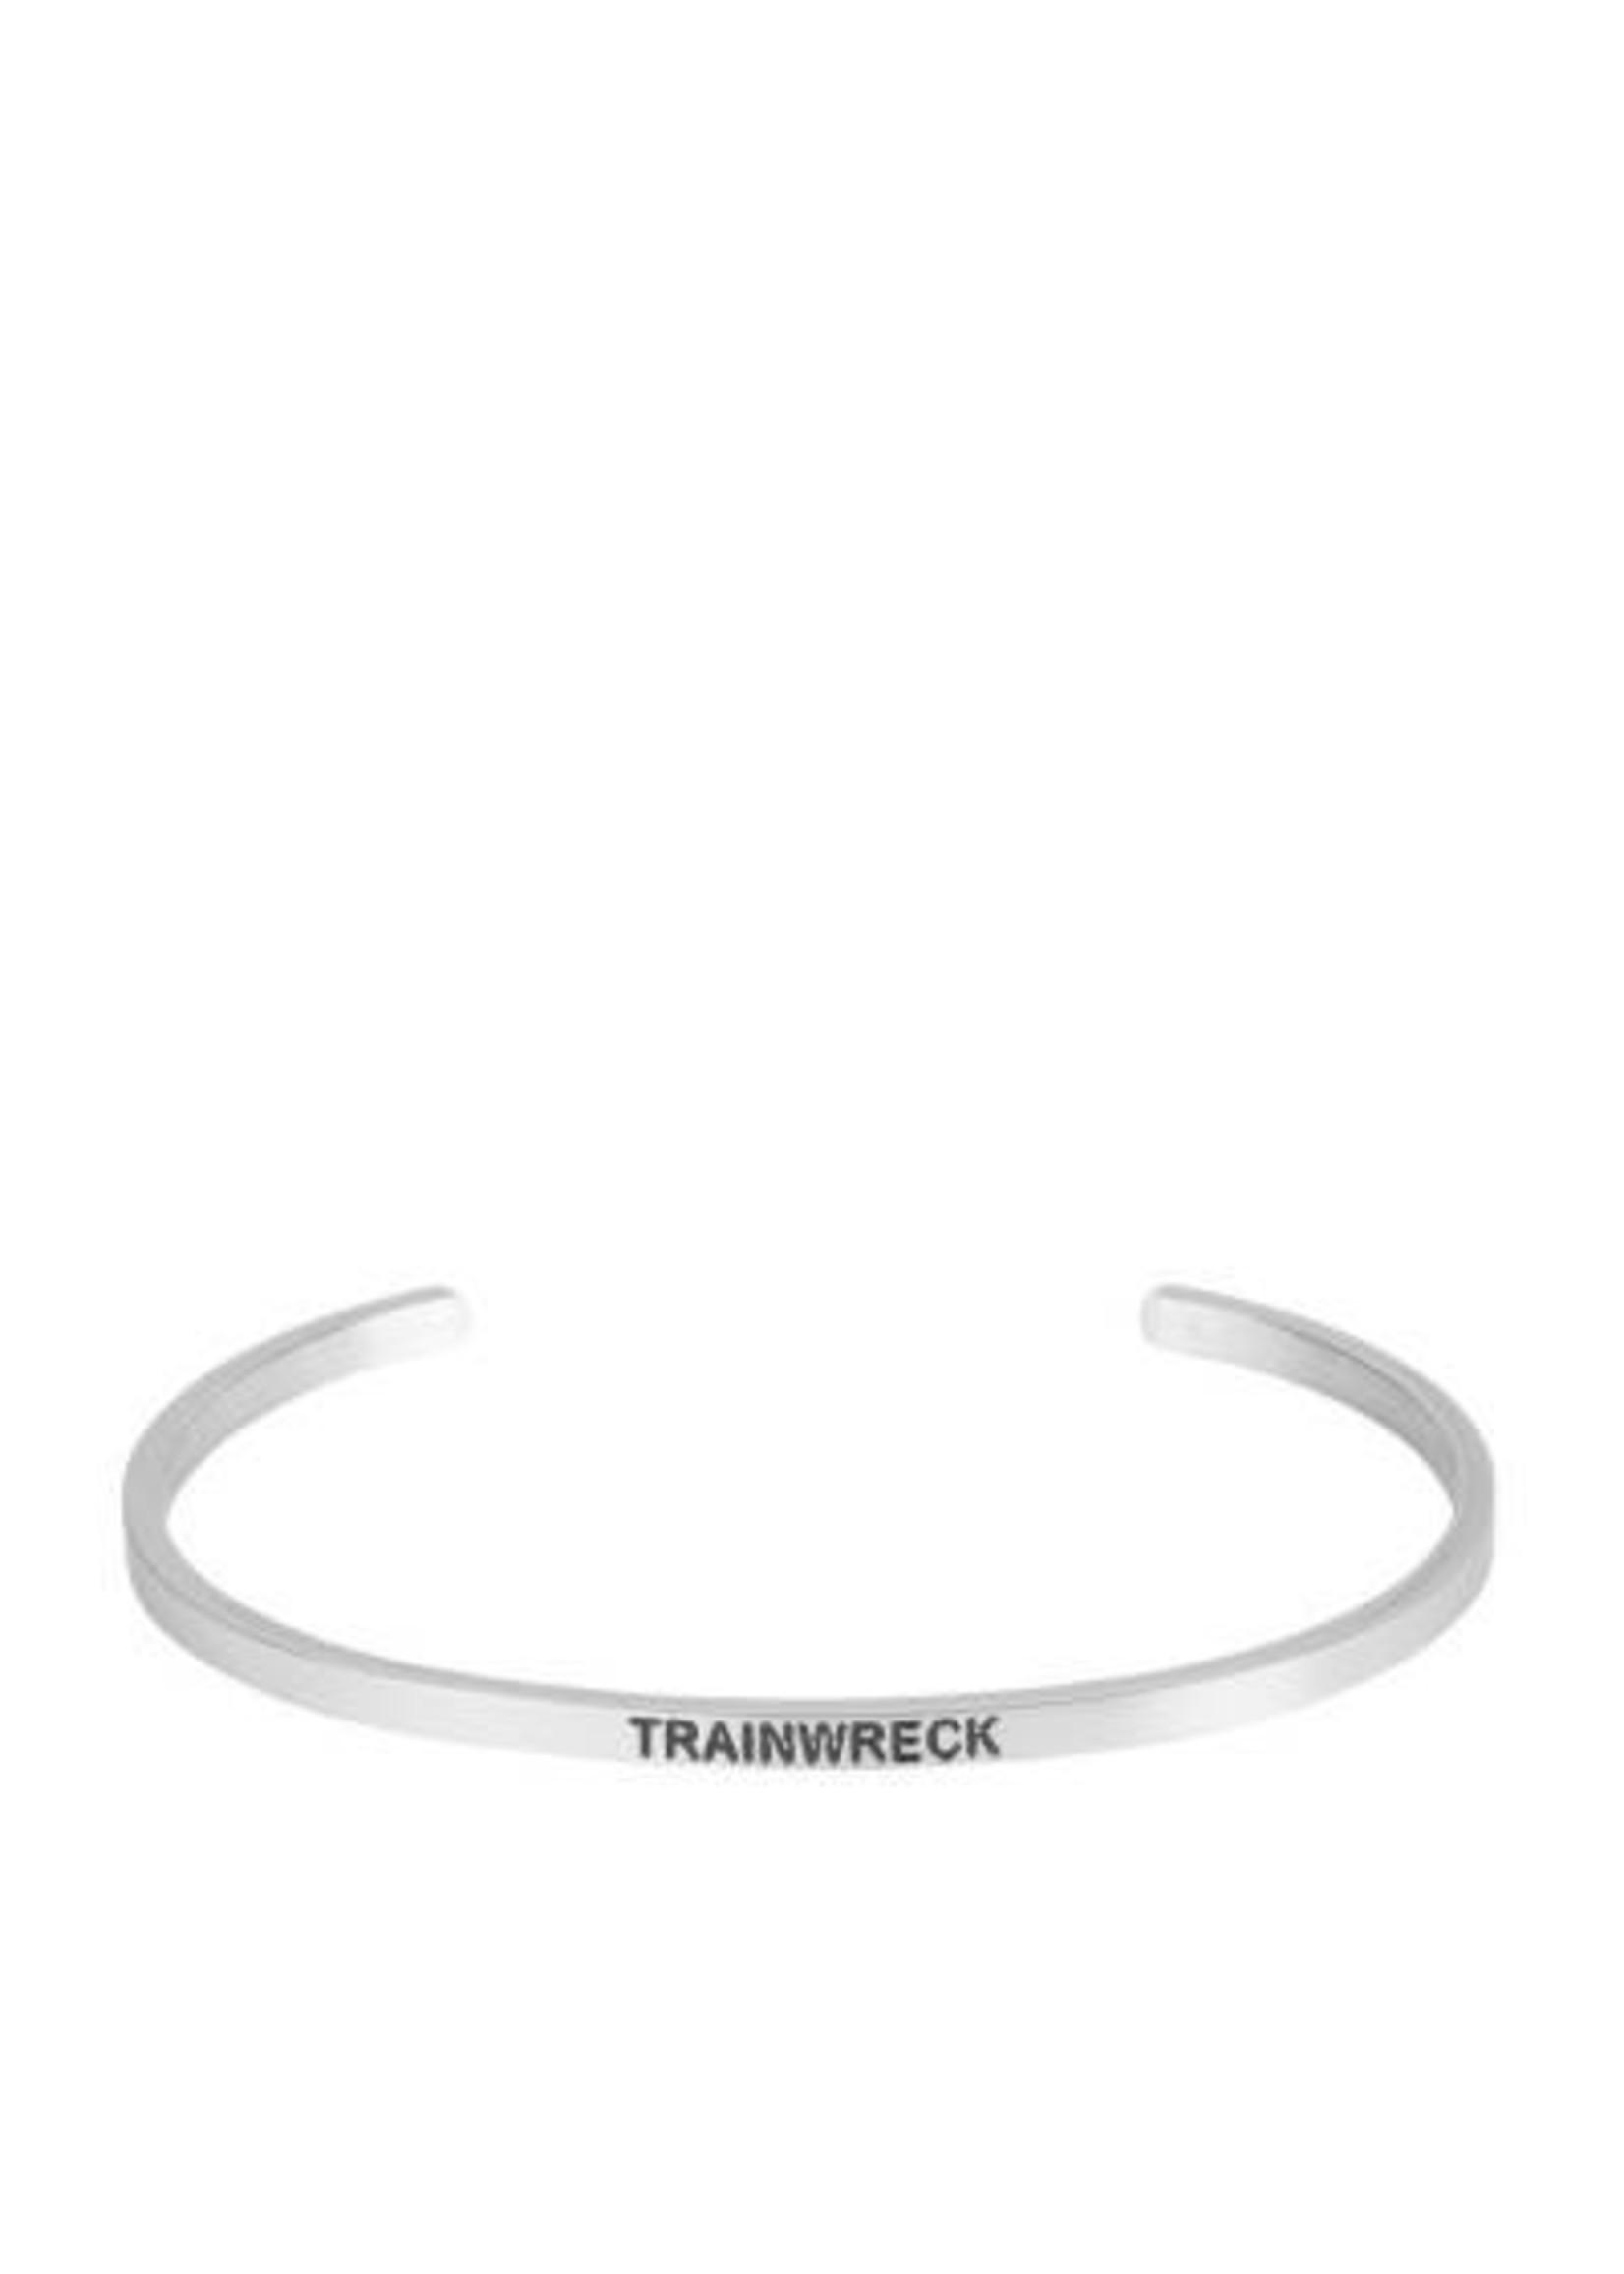 Embracelets Trainwreck Embracelet Silver